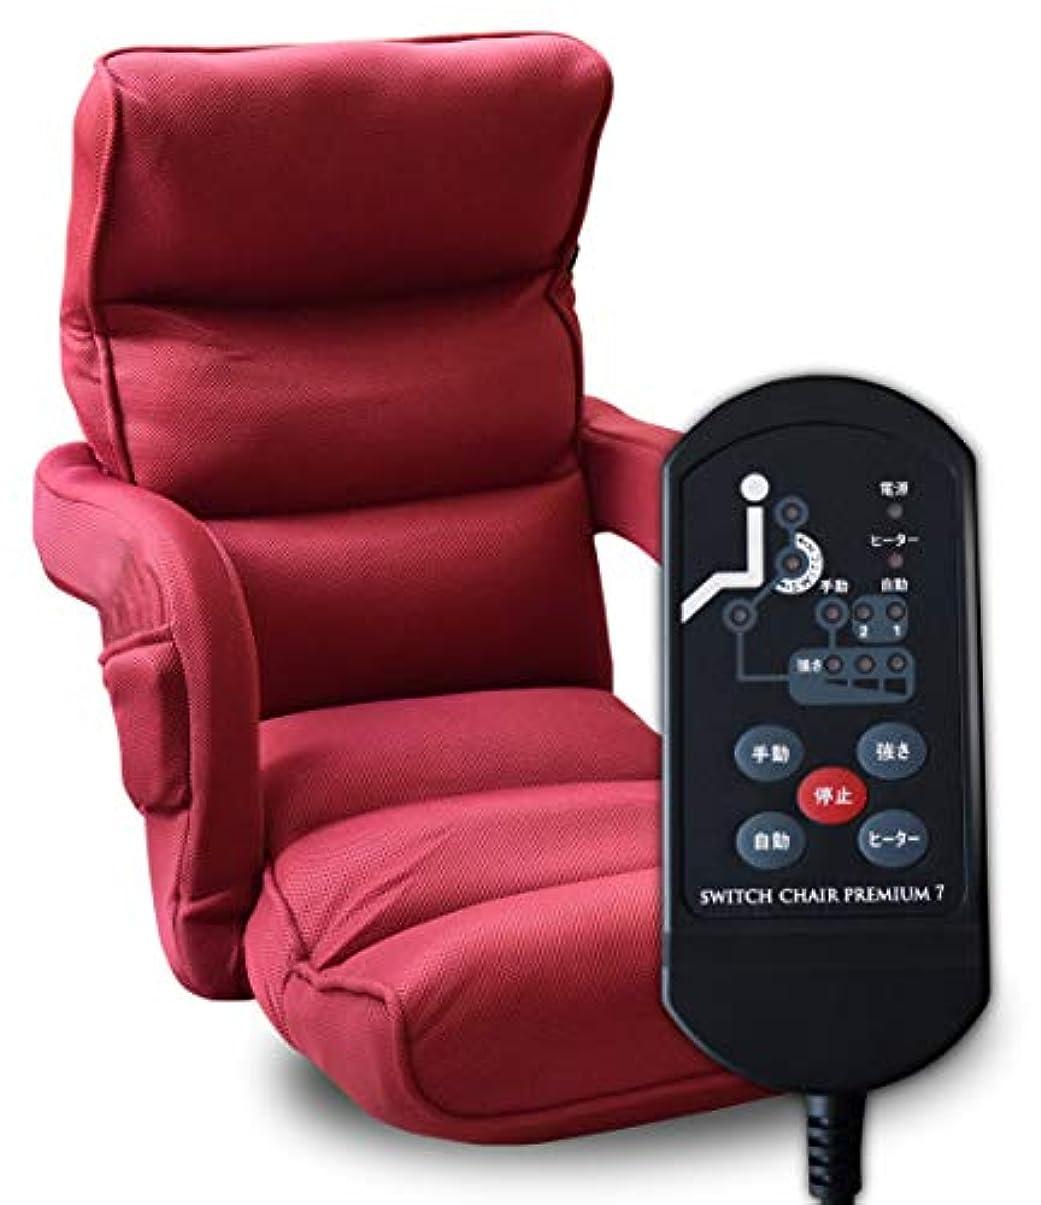 解決する硬いスモッグSWITCH CHAIR PREMIUM 7 マッサージ器 マッサージ機 肘掛け付き座椅子 マッサージ ヒーター 首 肩 腰 肩こり 背中 マッサージチェア ビクトリアンローズ